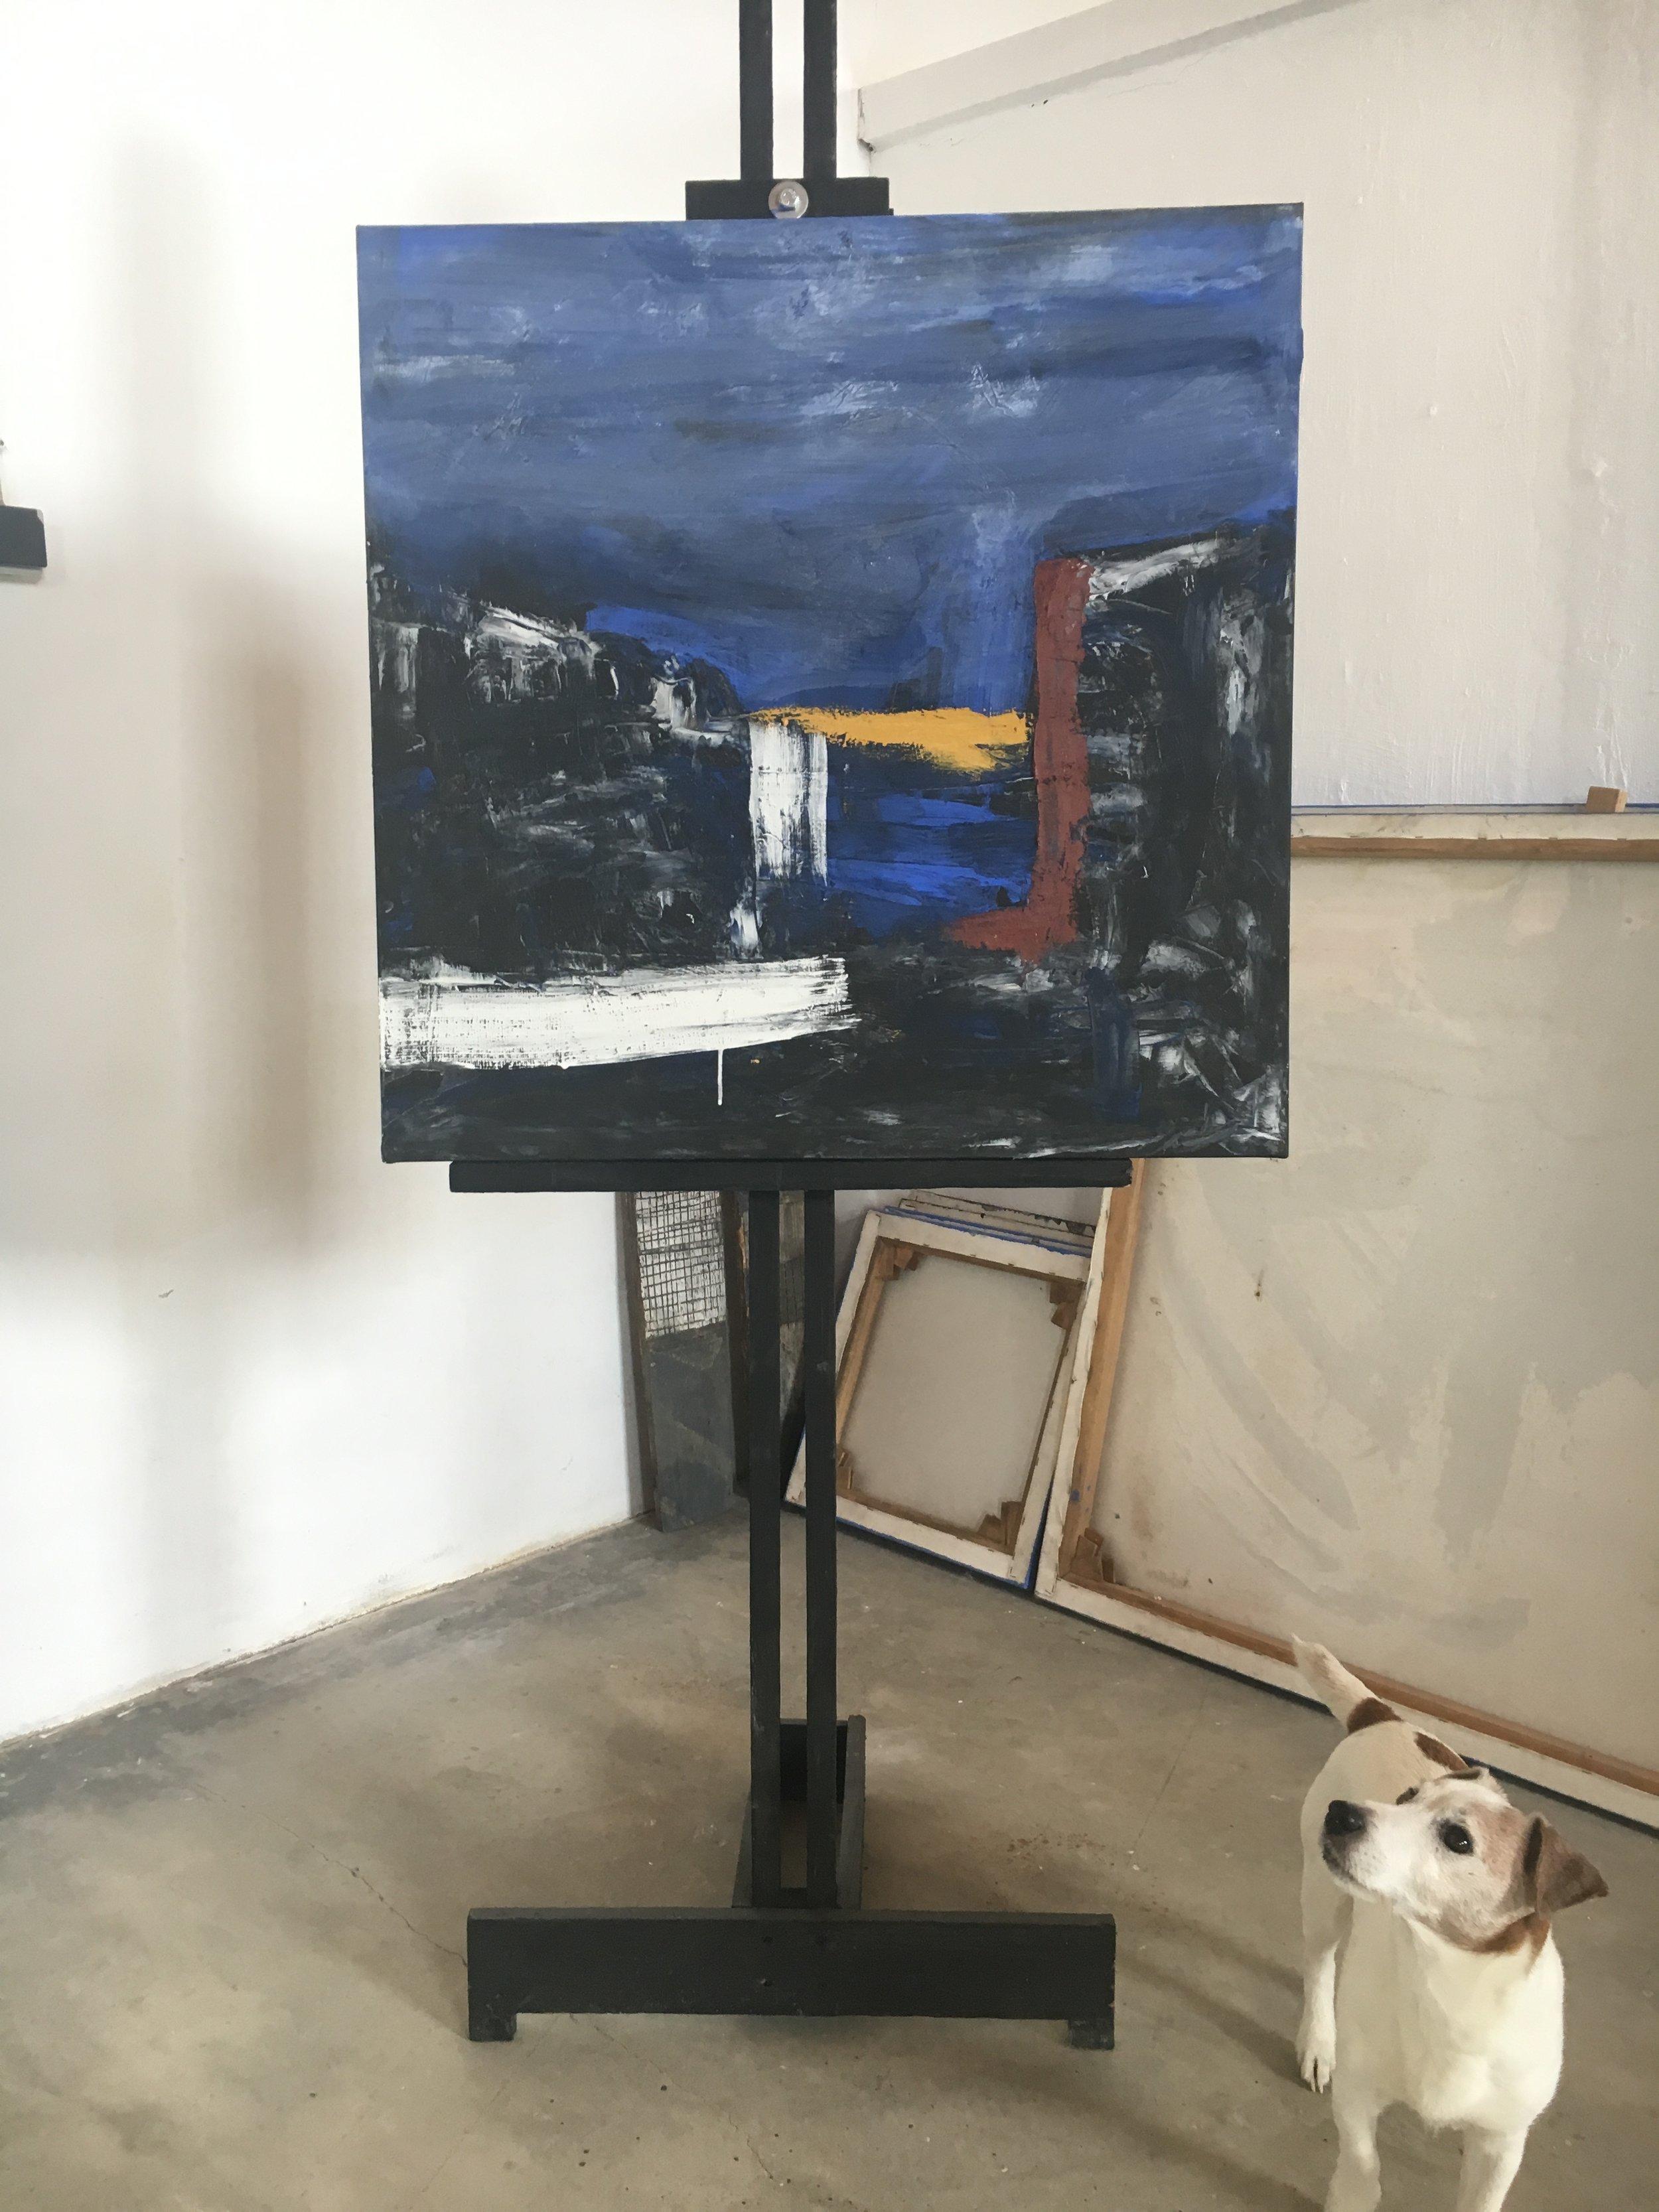 Art-cafe-art-studio-workshop-art-on-easel.jpg